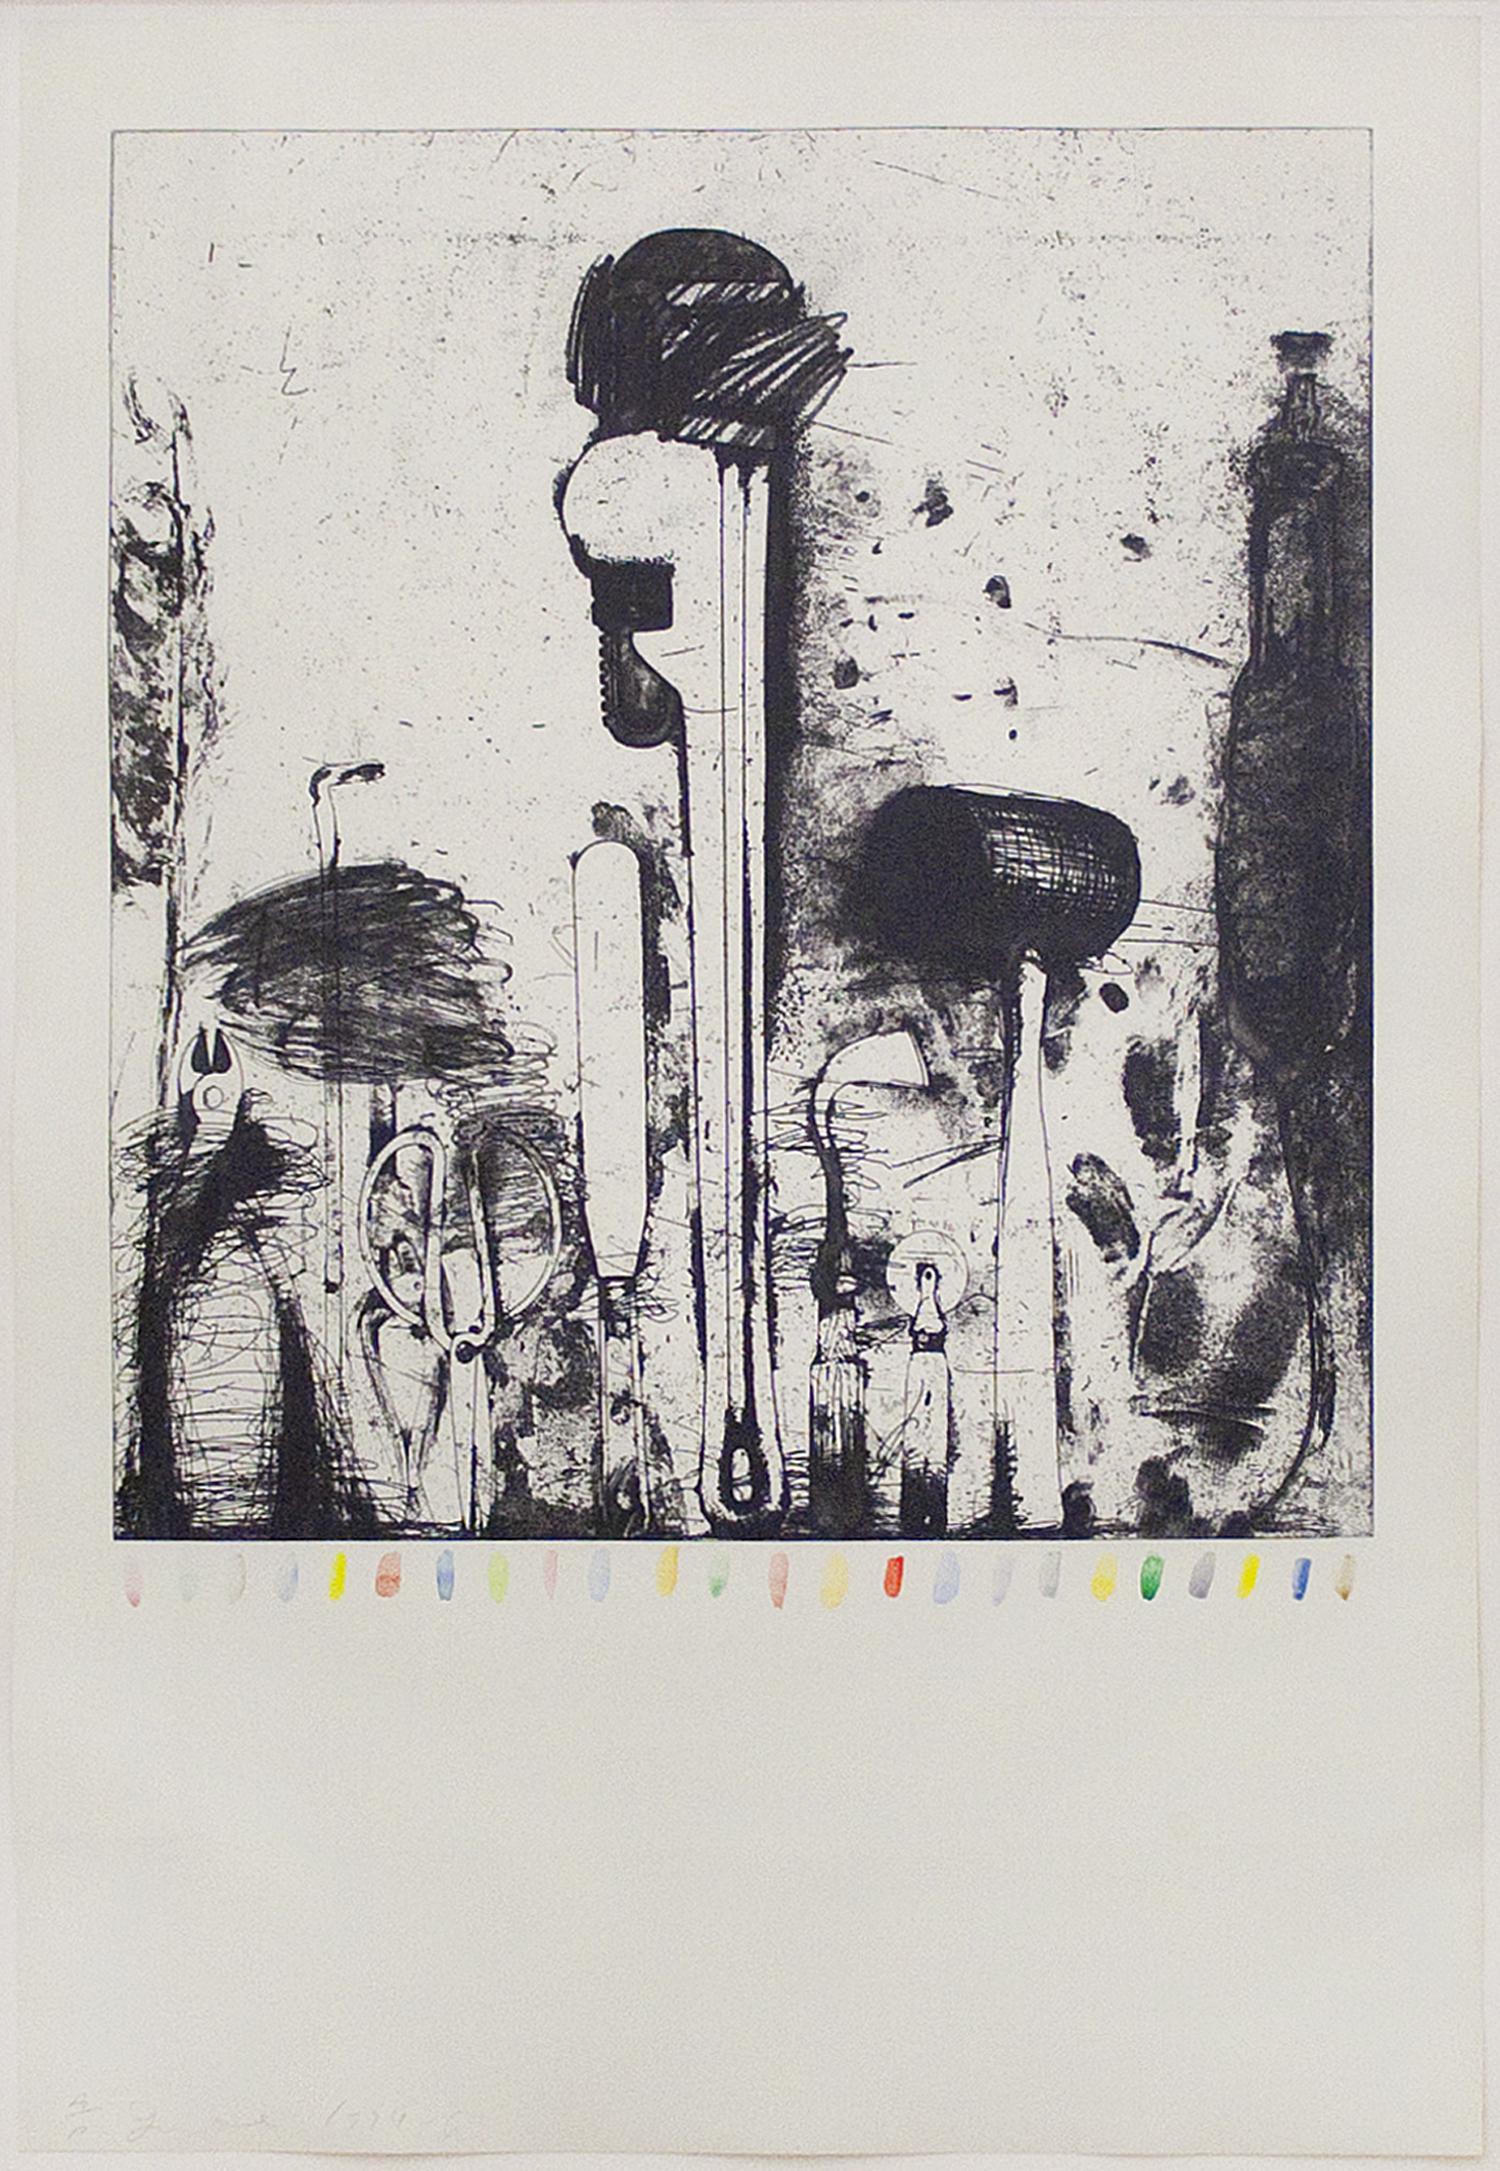 Piranesi's Watercolor Marks